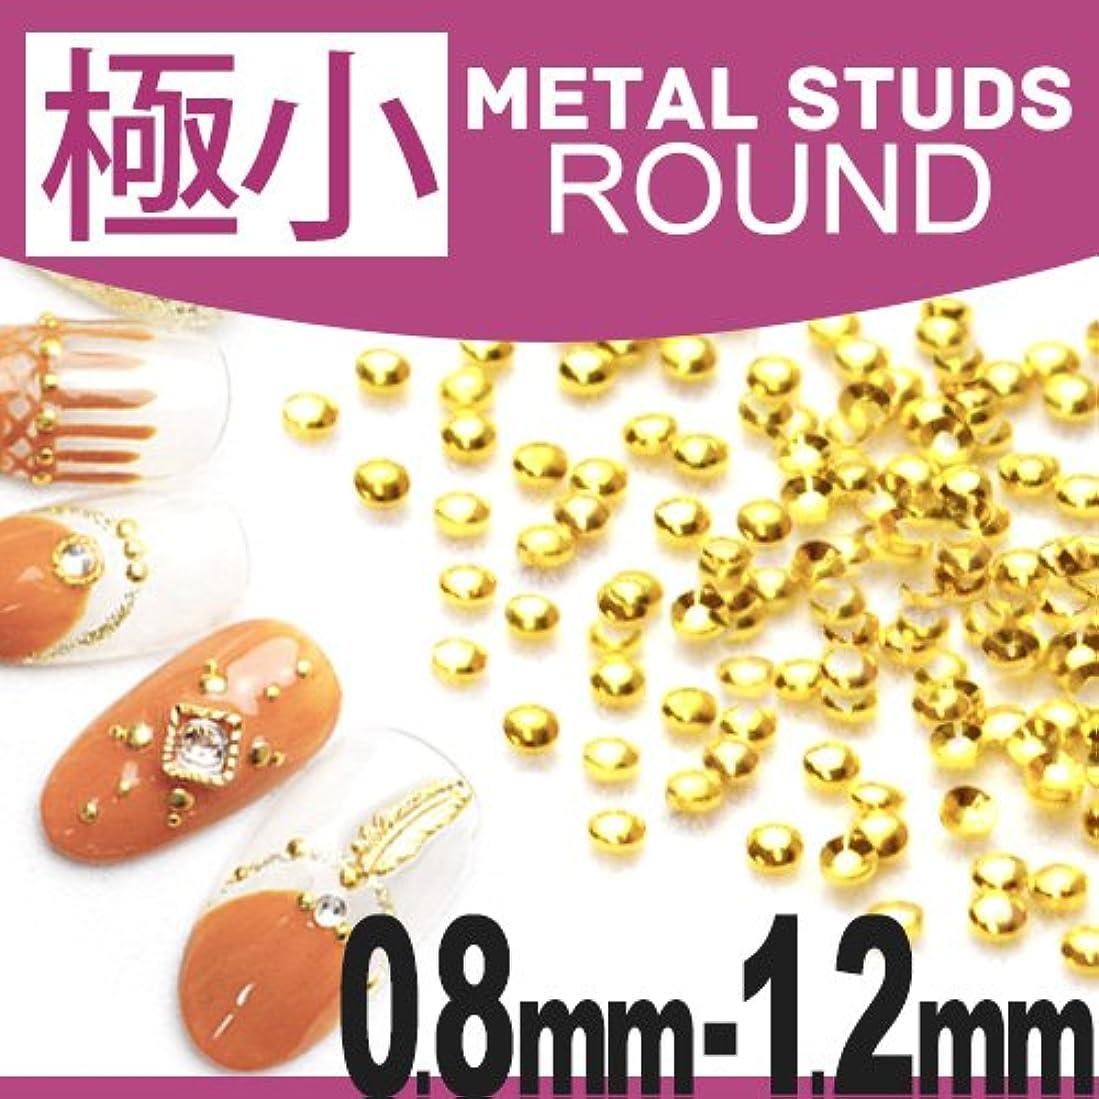 ベジタリアン絵地下室極小ラウンドメタルスタッズ 0.8mm[ゴールド] メタルパーツ ジェルネイル